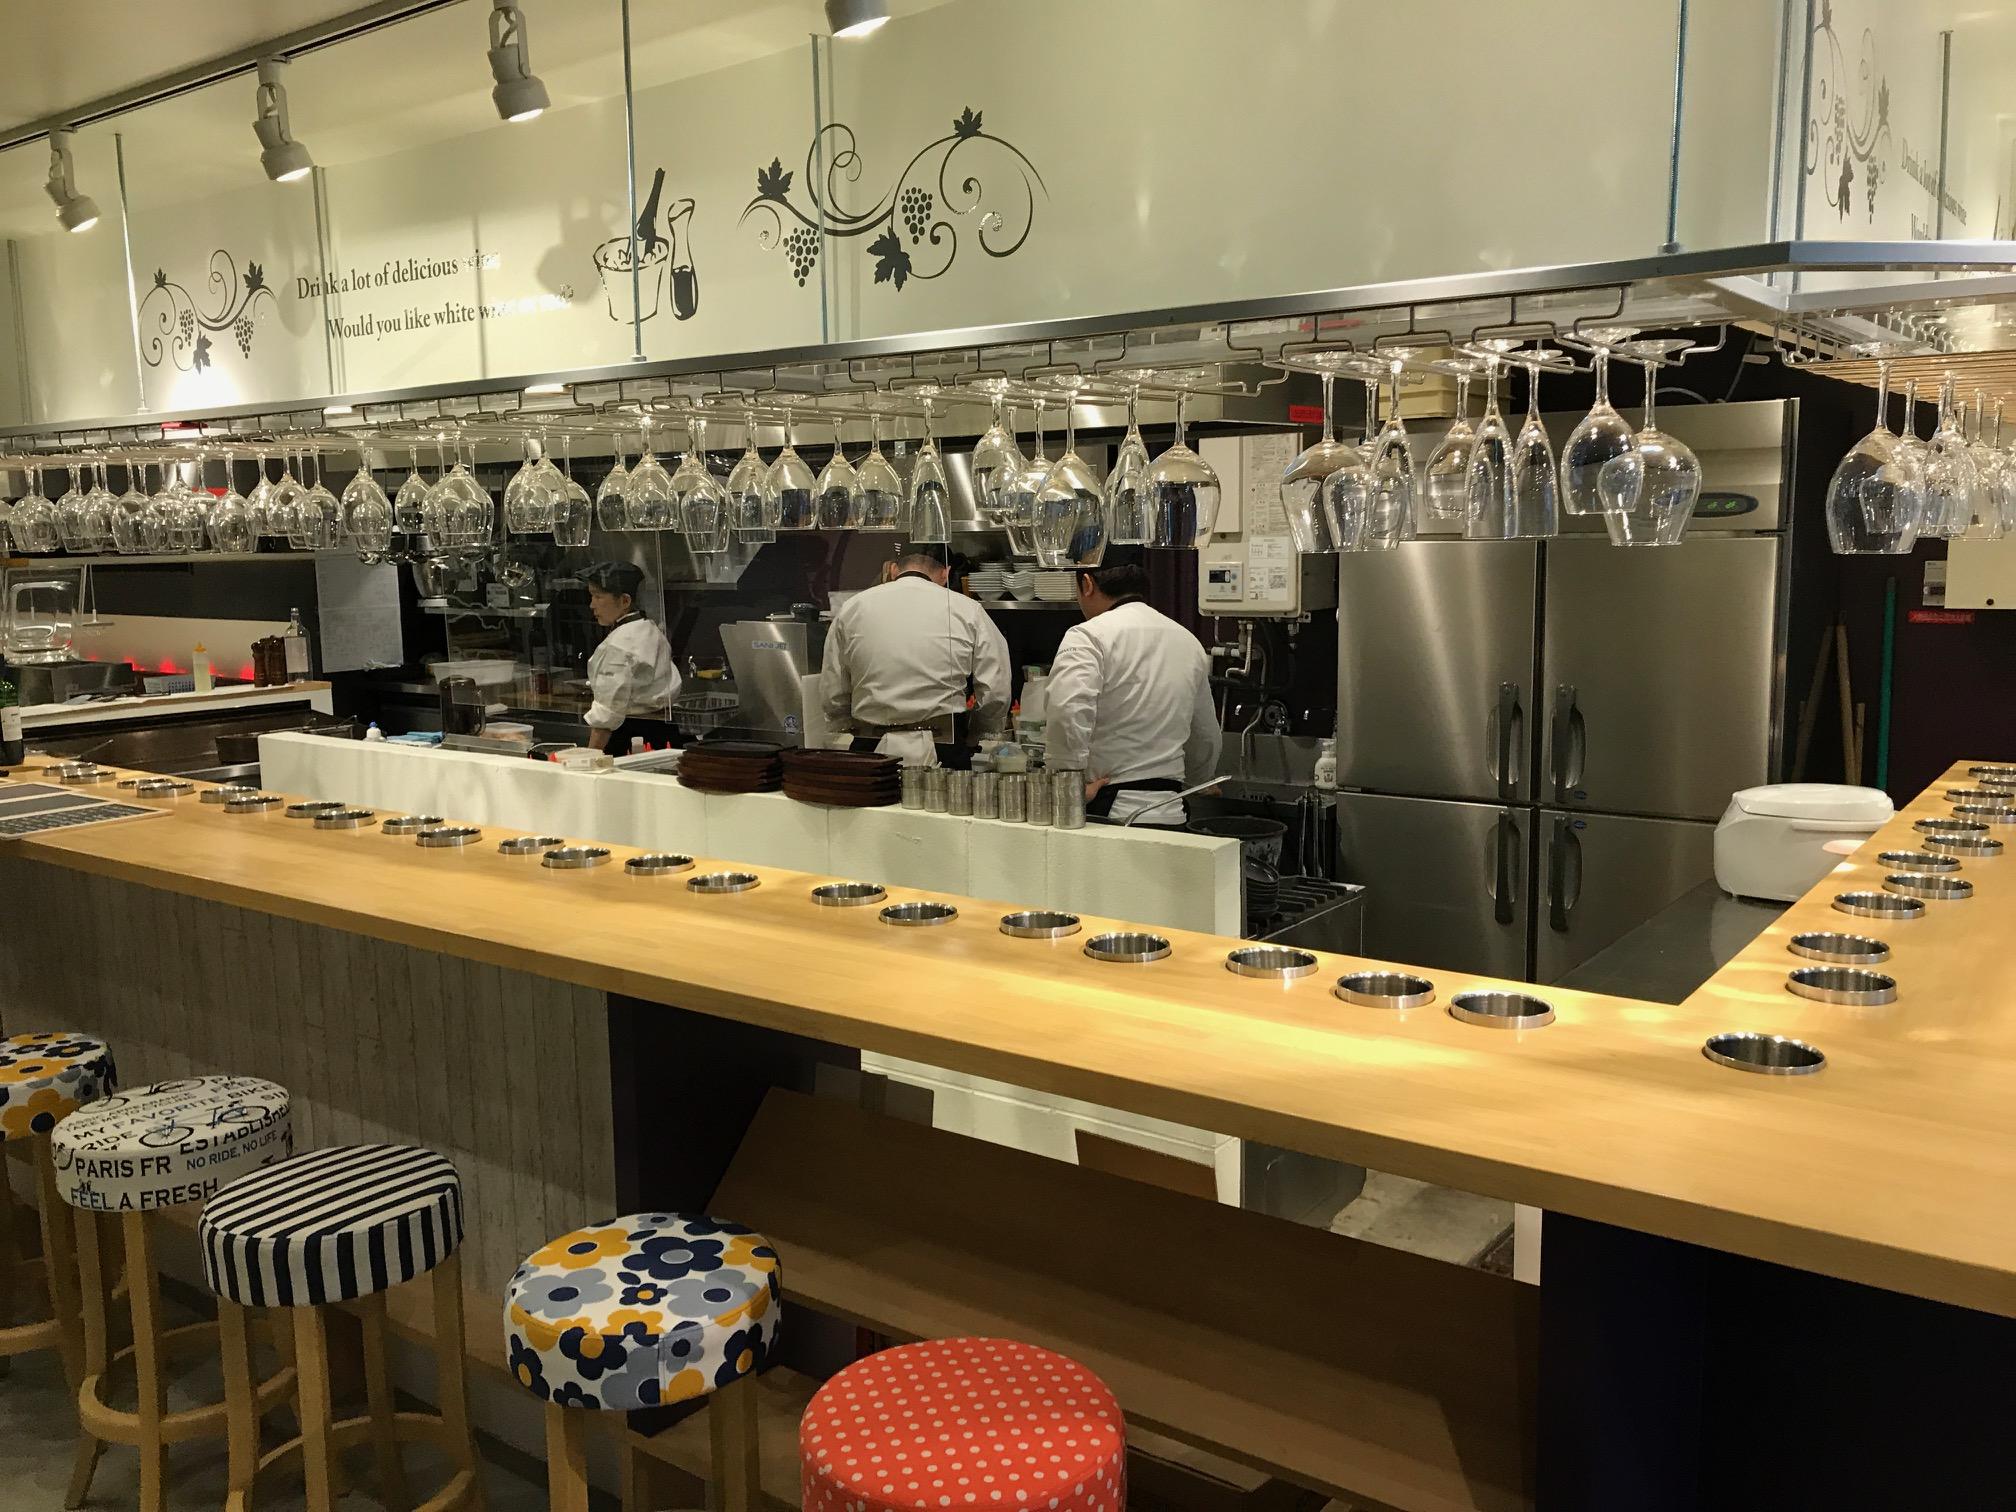 ゴム・パイン集成材のカウンター・テーブル天板 厨房の様子